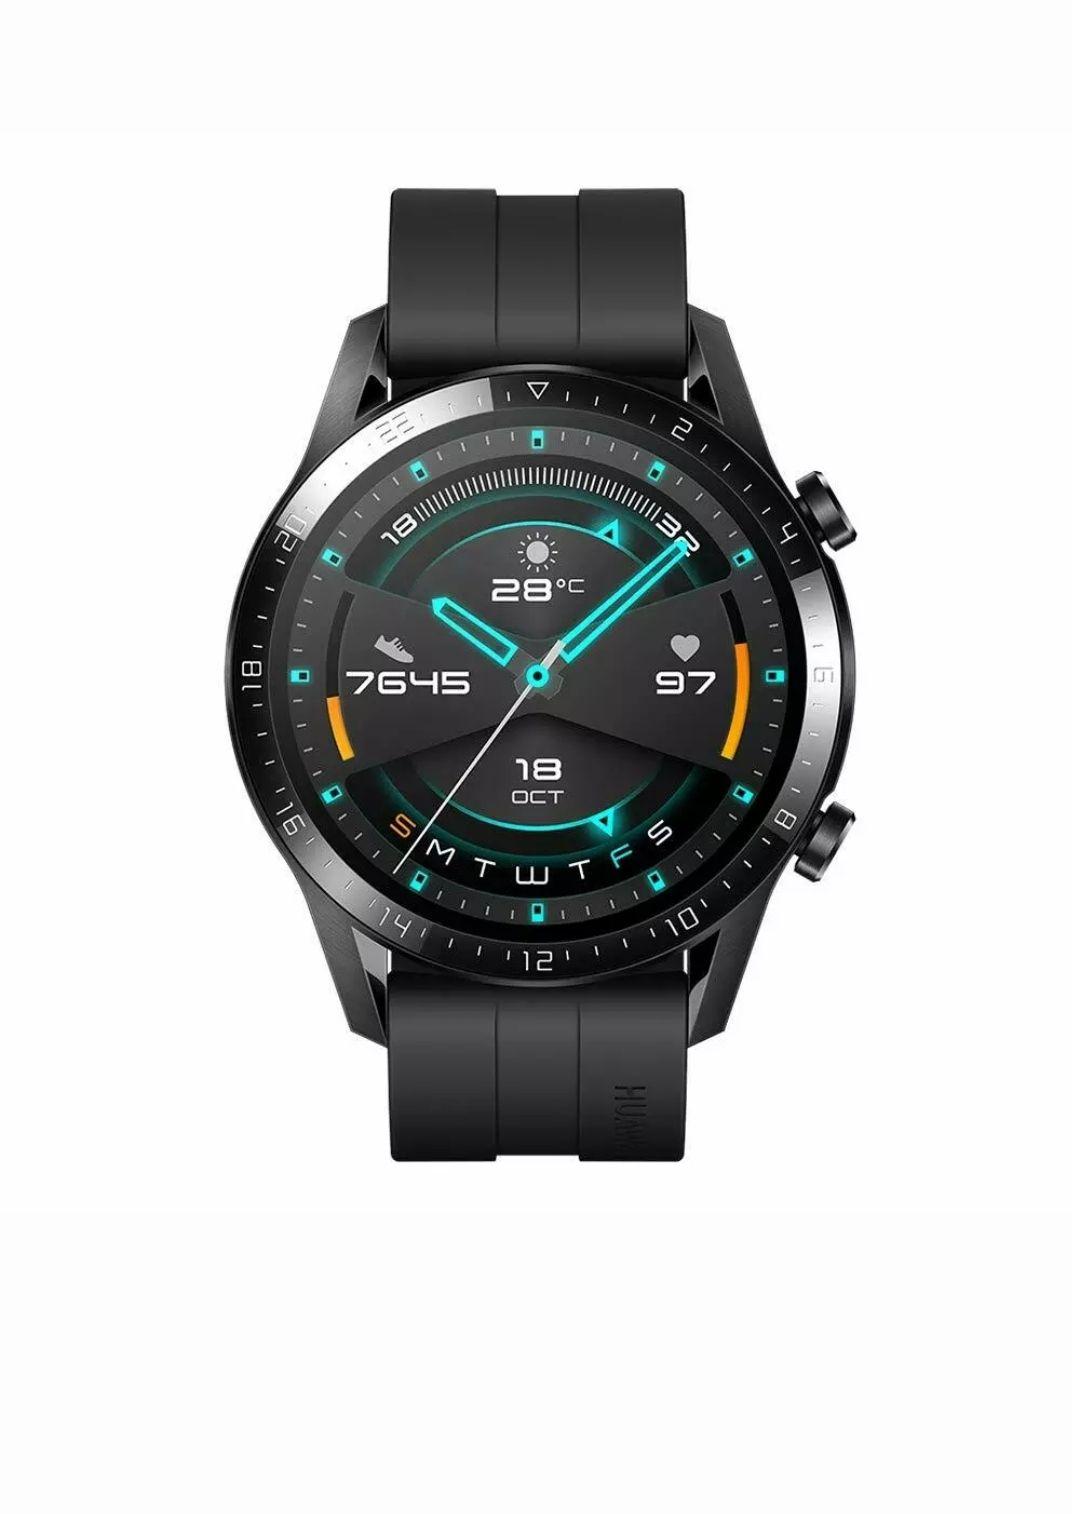 Huawei Watch GT2